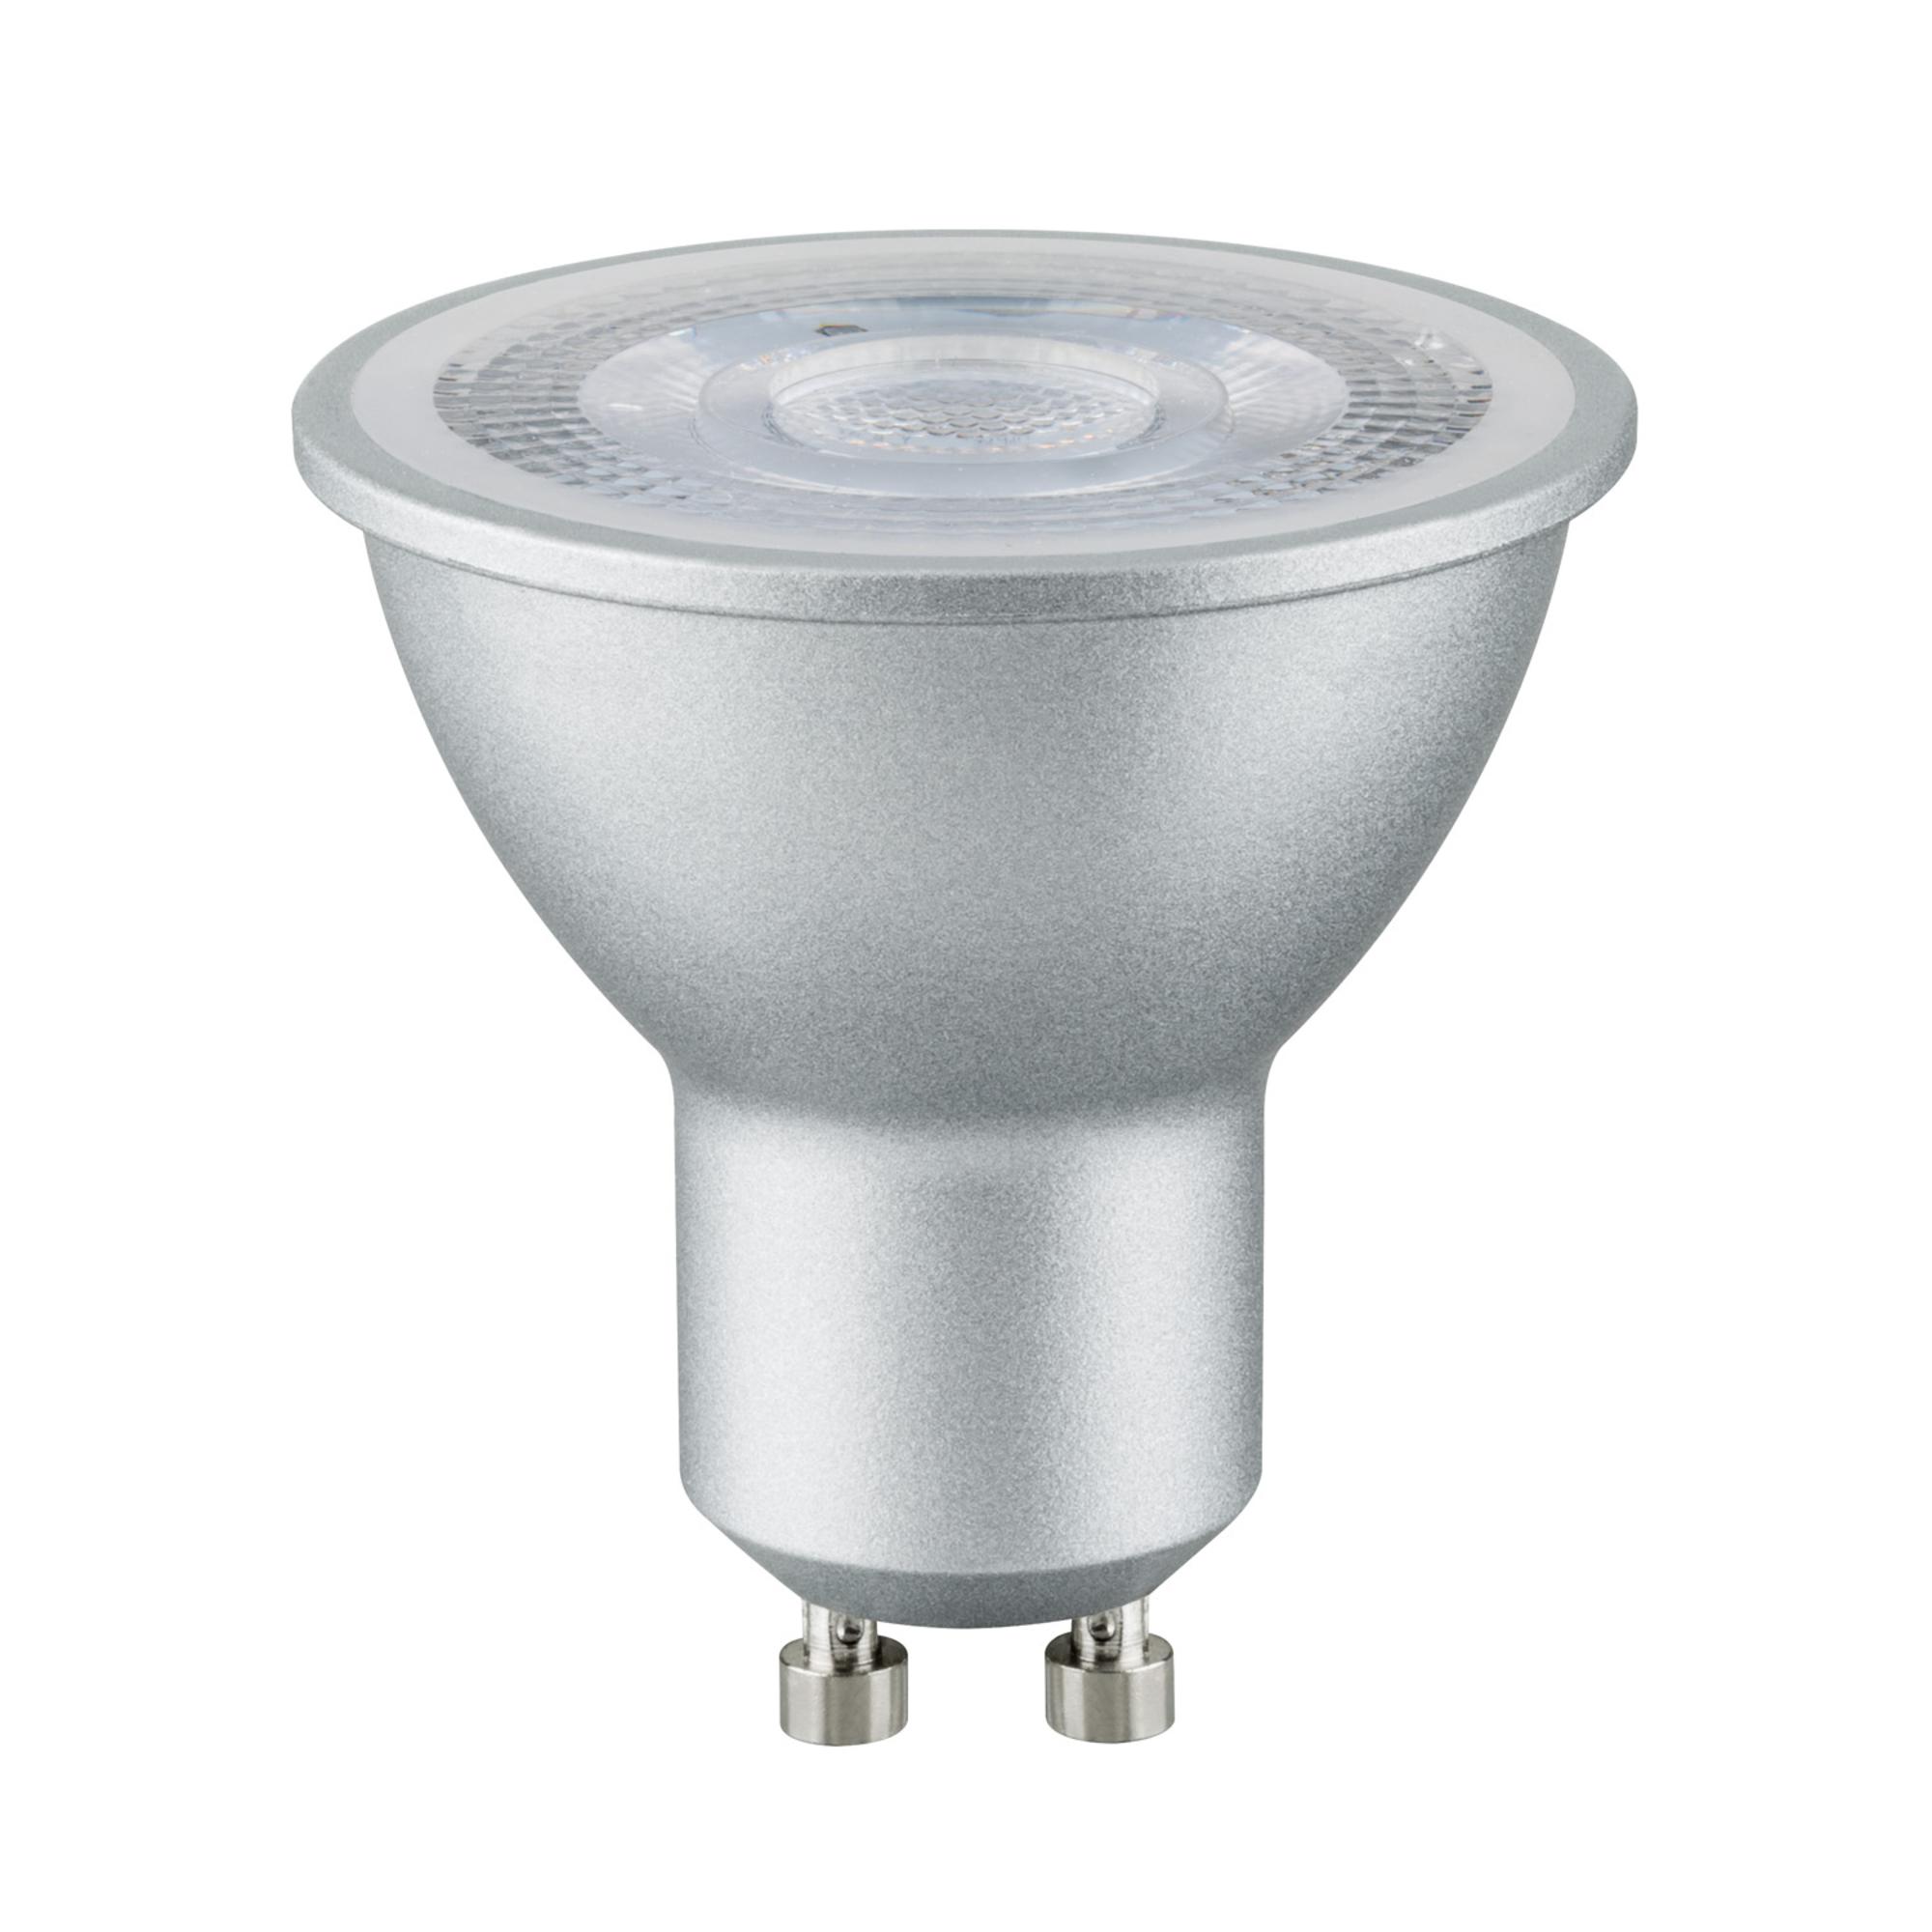 Лампа светодиодная Paulmann Рефлекторная 7Вт 460лм 2700K GU10 230В Алюминий Дим. 28464.